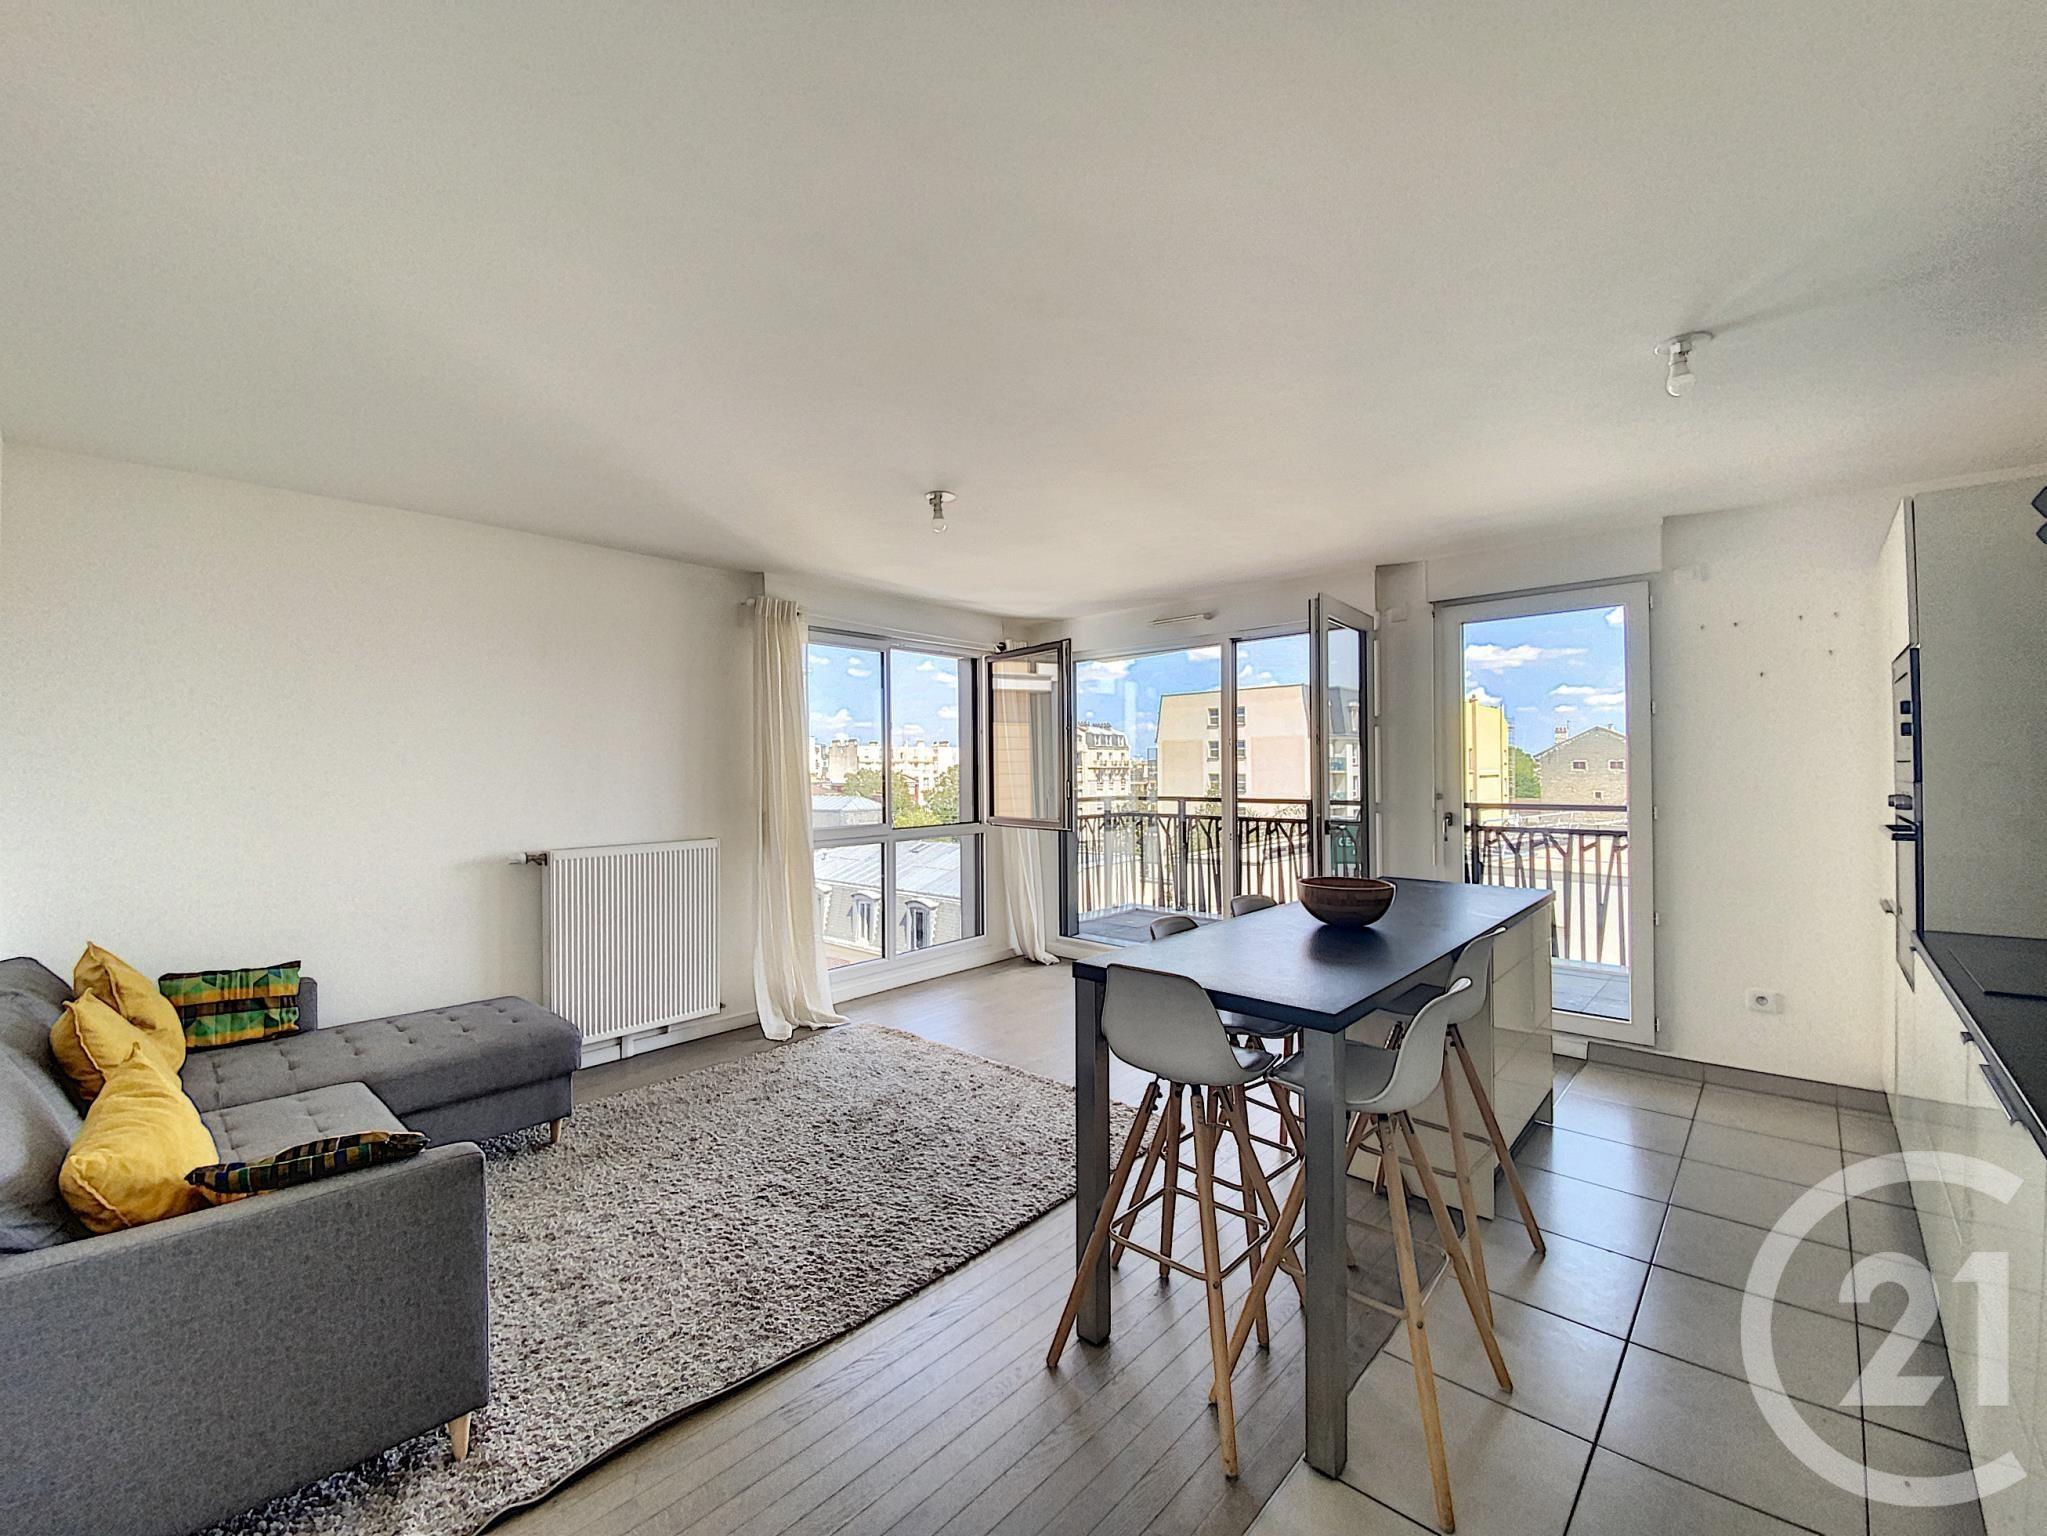 Appartement a louer colombes - 4 pièce(s) - 79.71 m2 - Surfyn